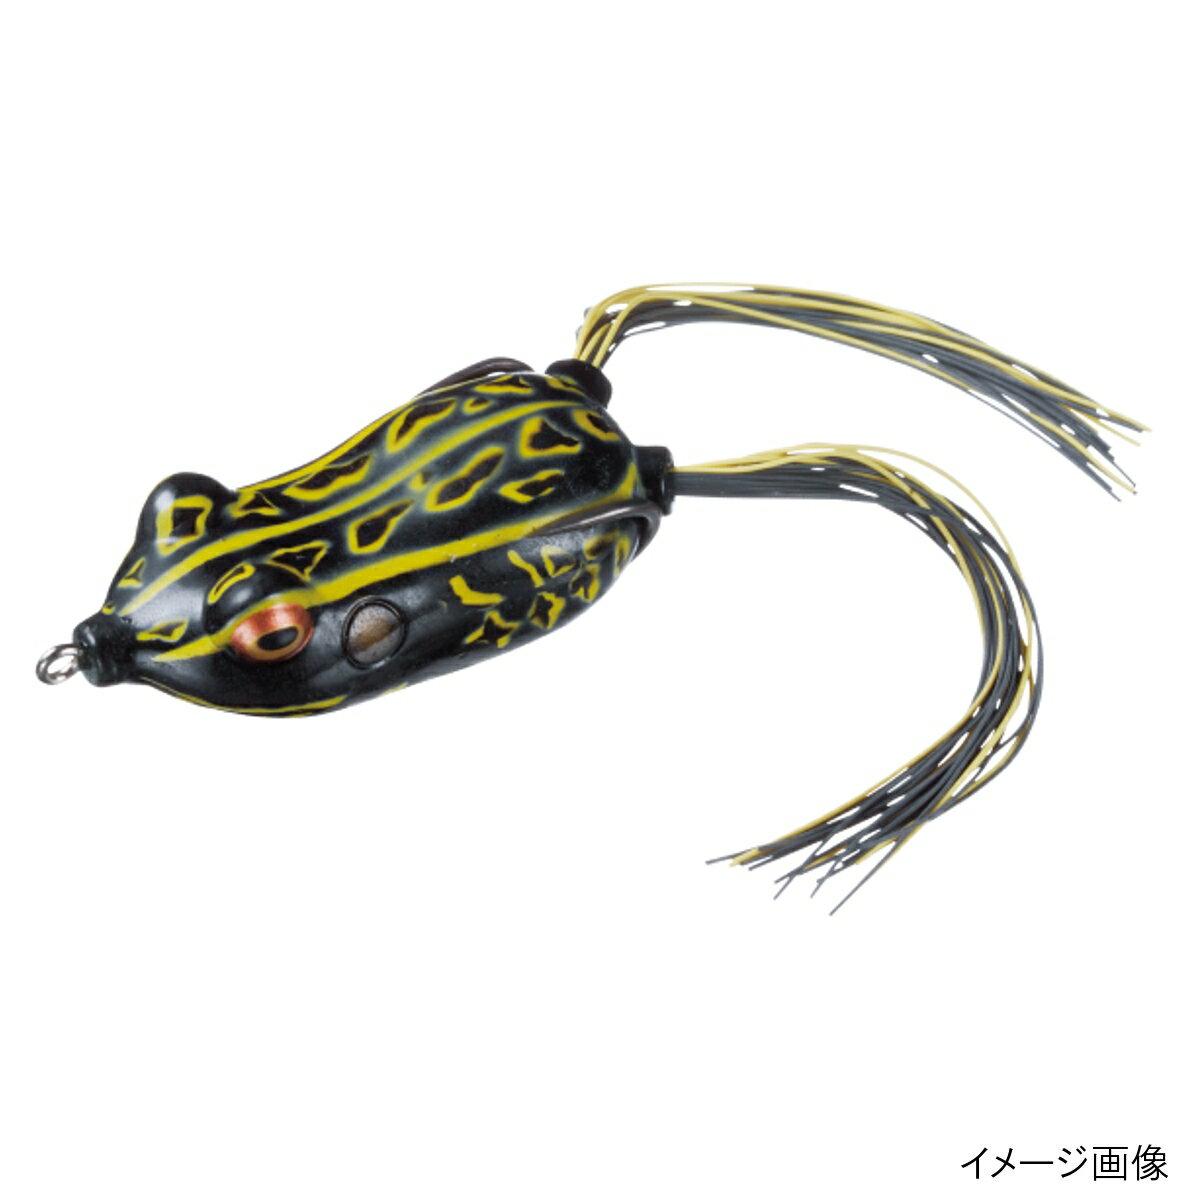 ダイワスティーズフロッグJr.ブラックイエロー(東日本店)